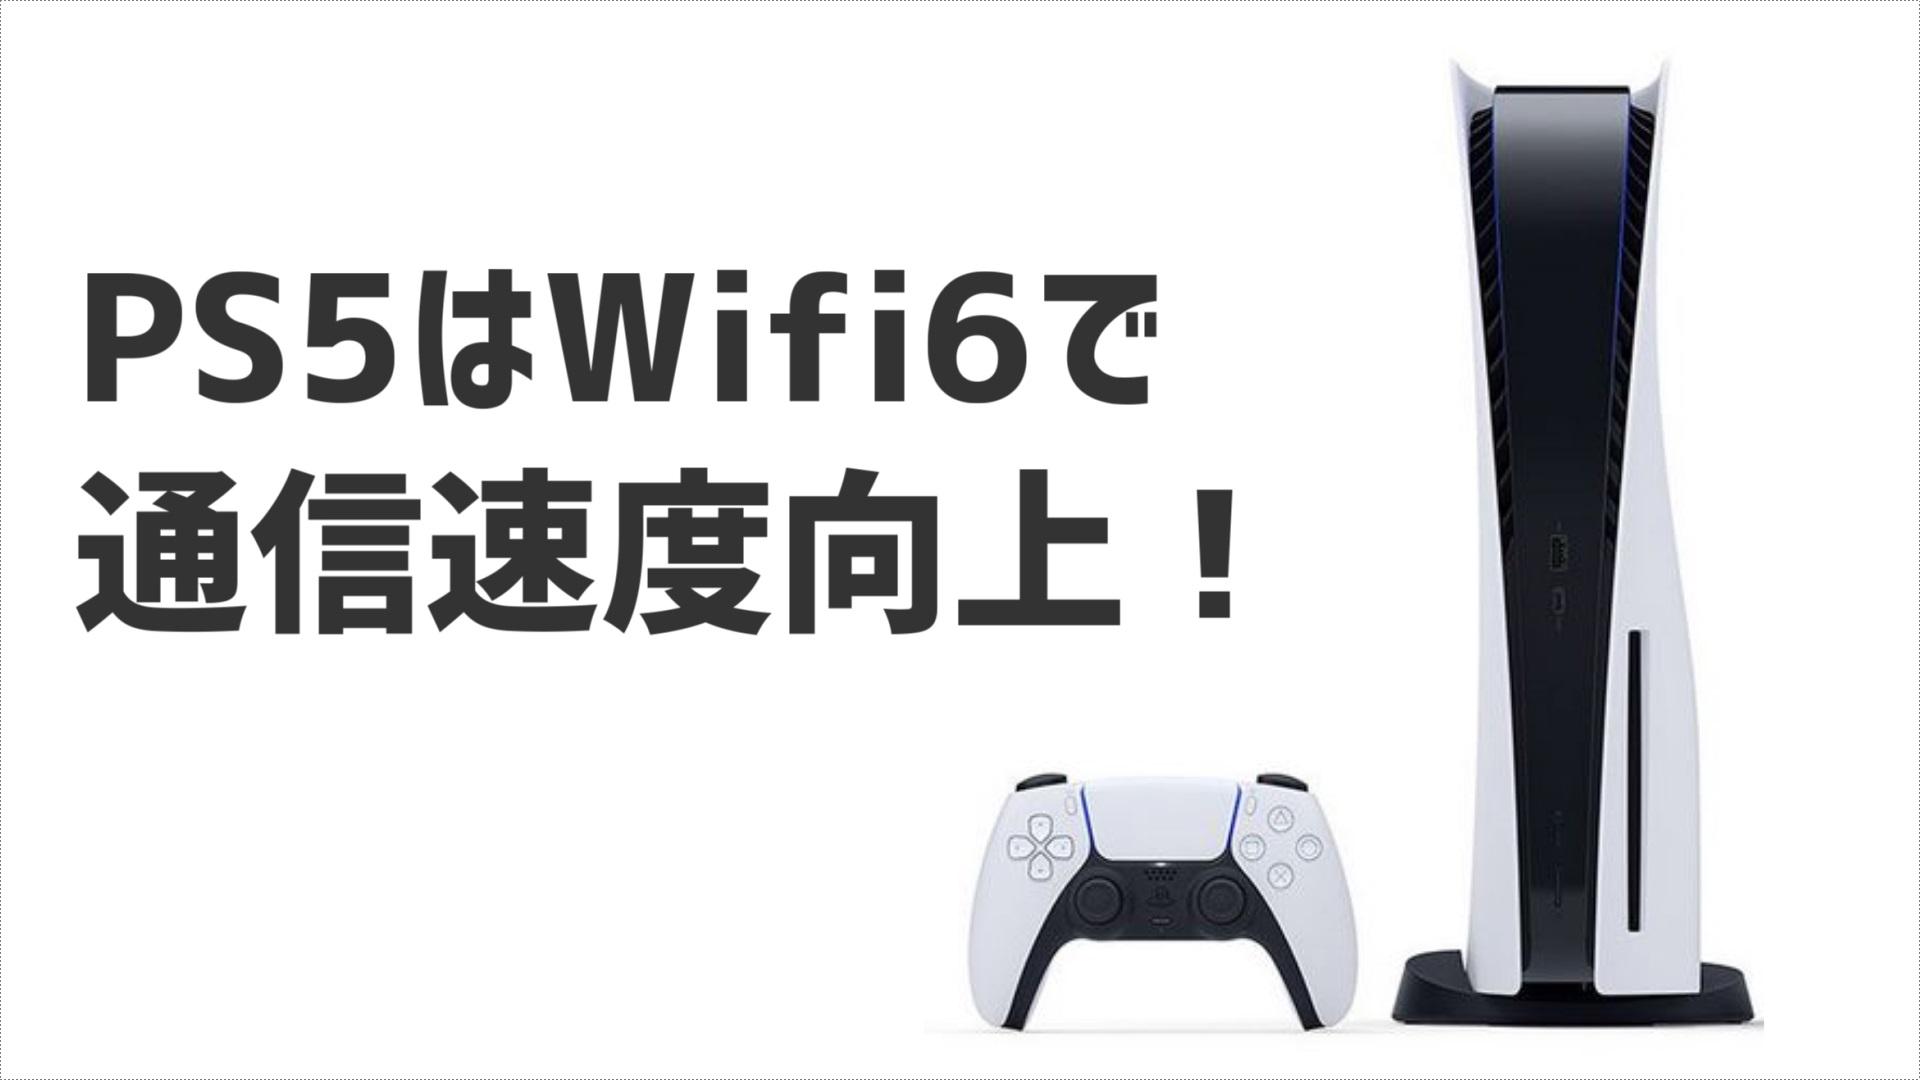 PS5をwifi6でつないでみた結果【約3倍速い】